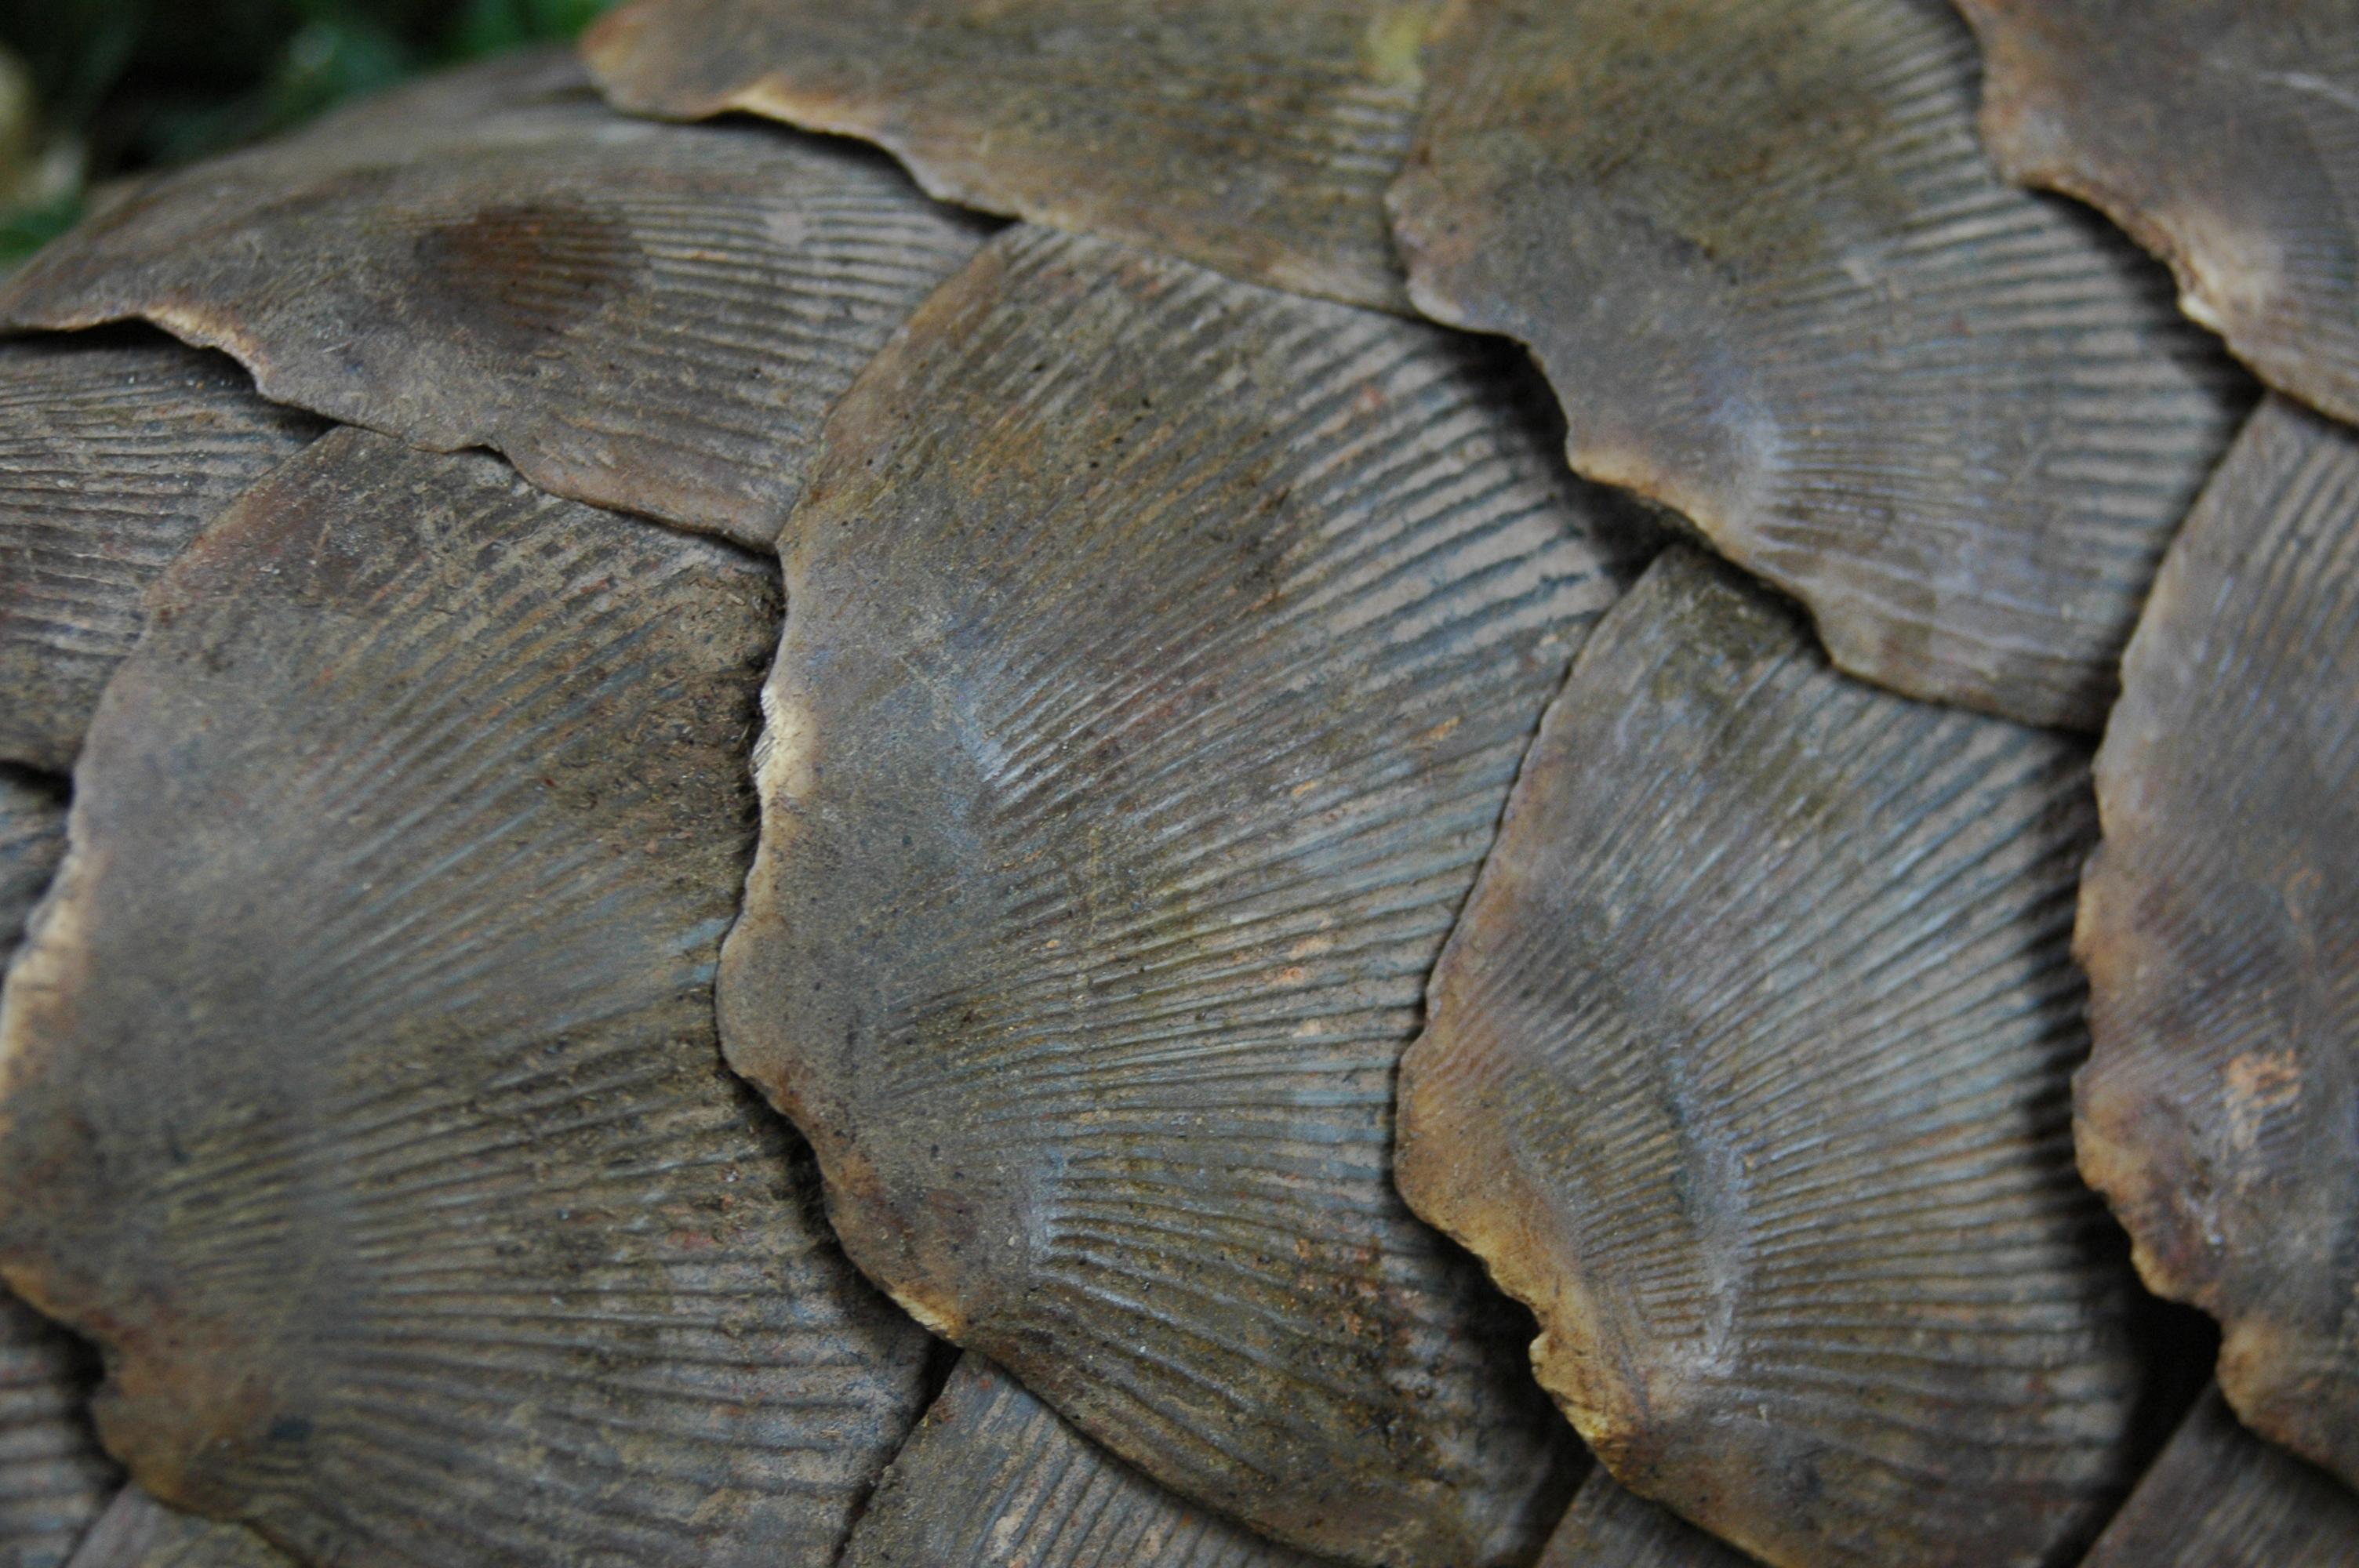 pangolin, endangered, adorable, critically endangered